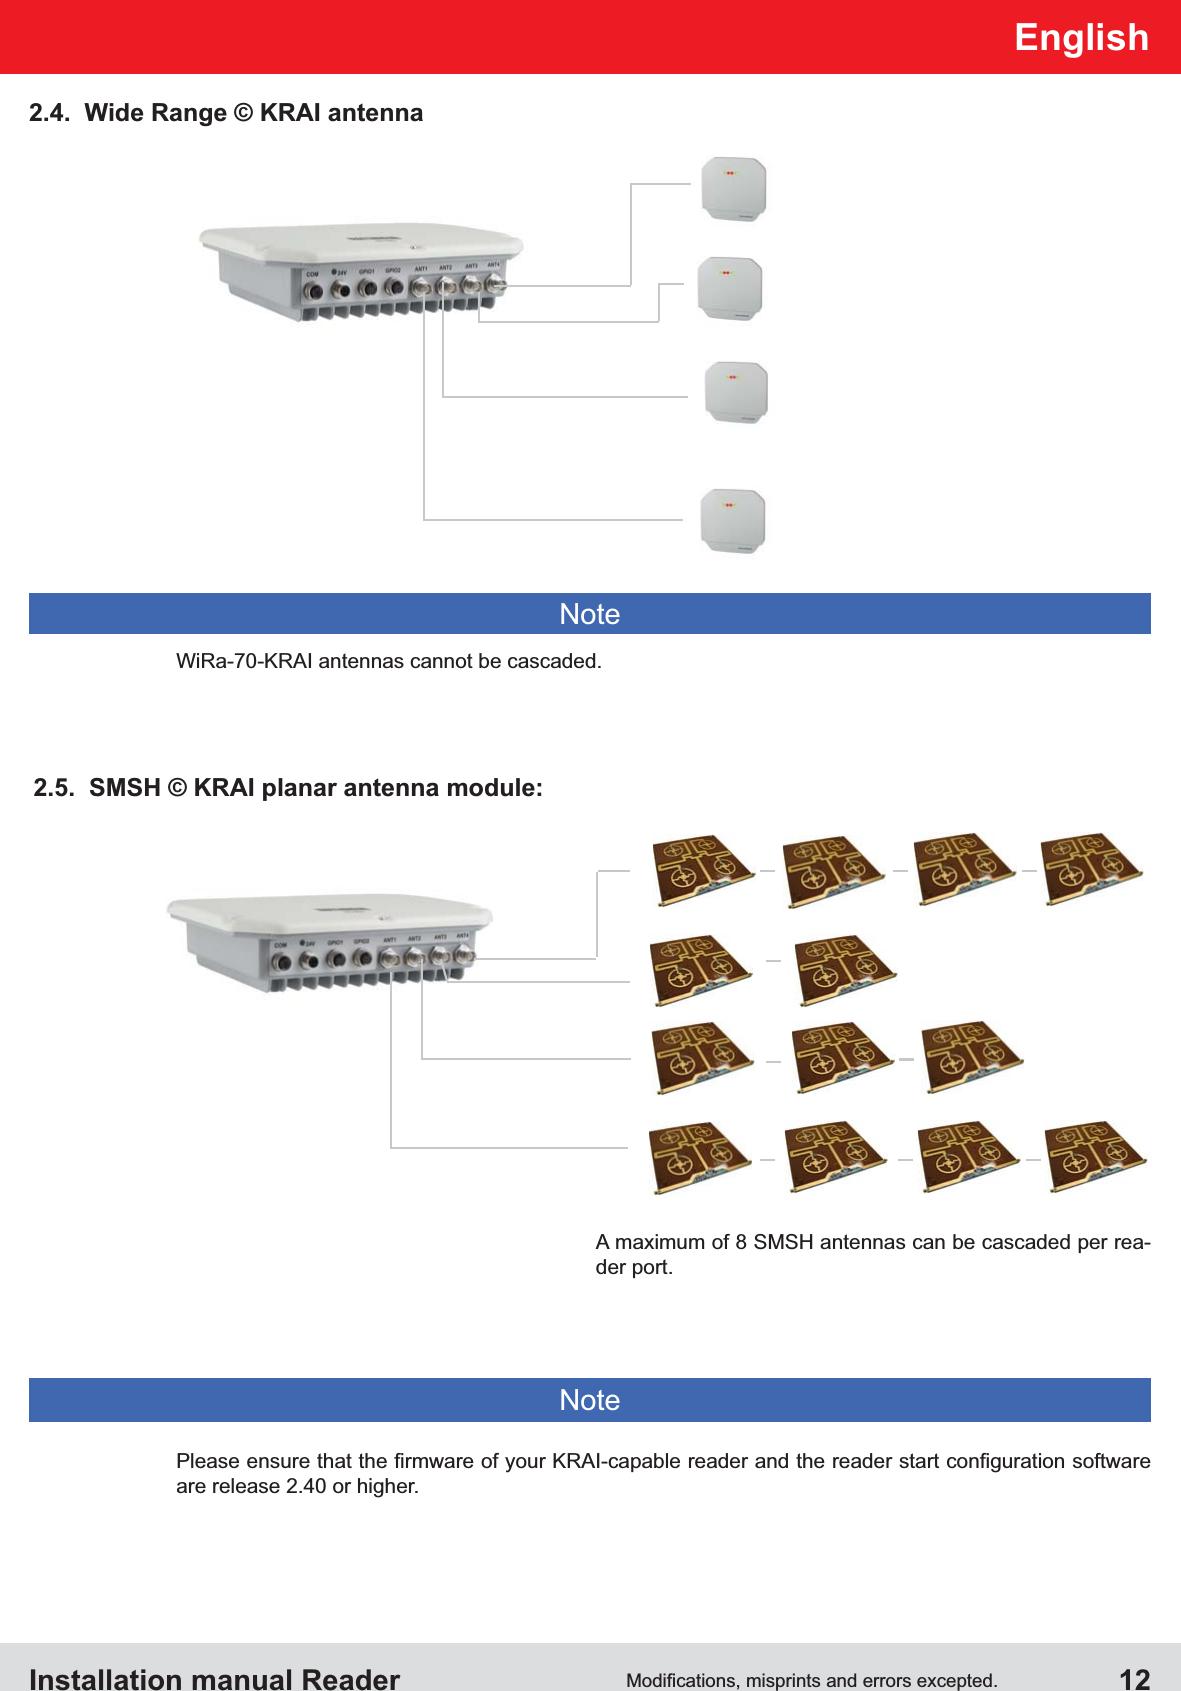 Installation manual Reader  12English2.4.  Wide Range © KRAI antennaare release 2.40 or higher.NoteNoteWiRa-70-KRAI antennas cannot be cascaded.A maximum of 8 SMSH antennas can be cascaded per rea-der port.2.5.  SMSH © KRAI planar antenna module: